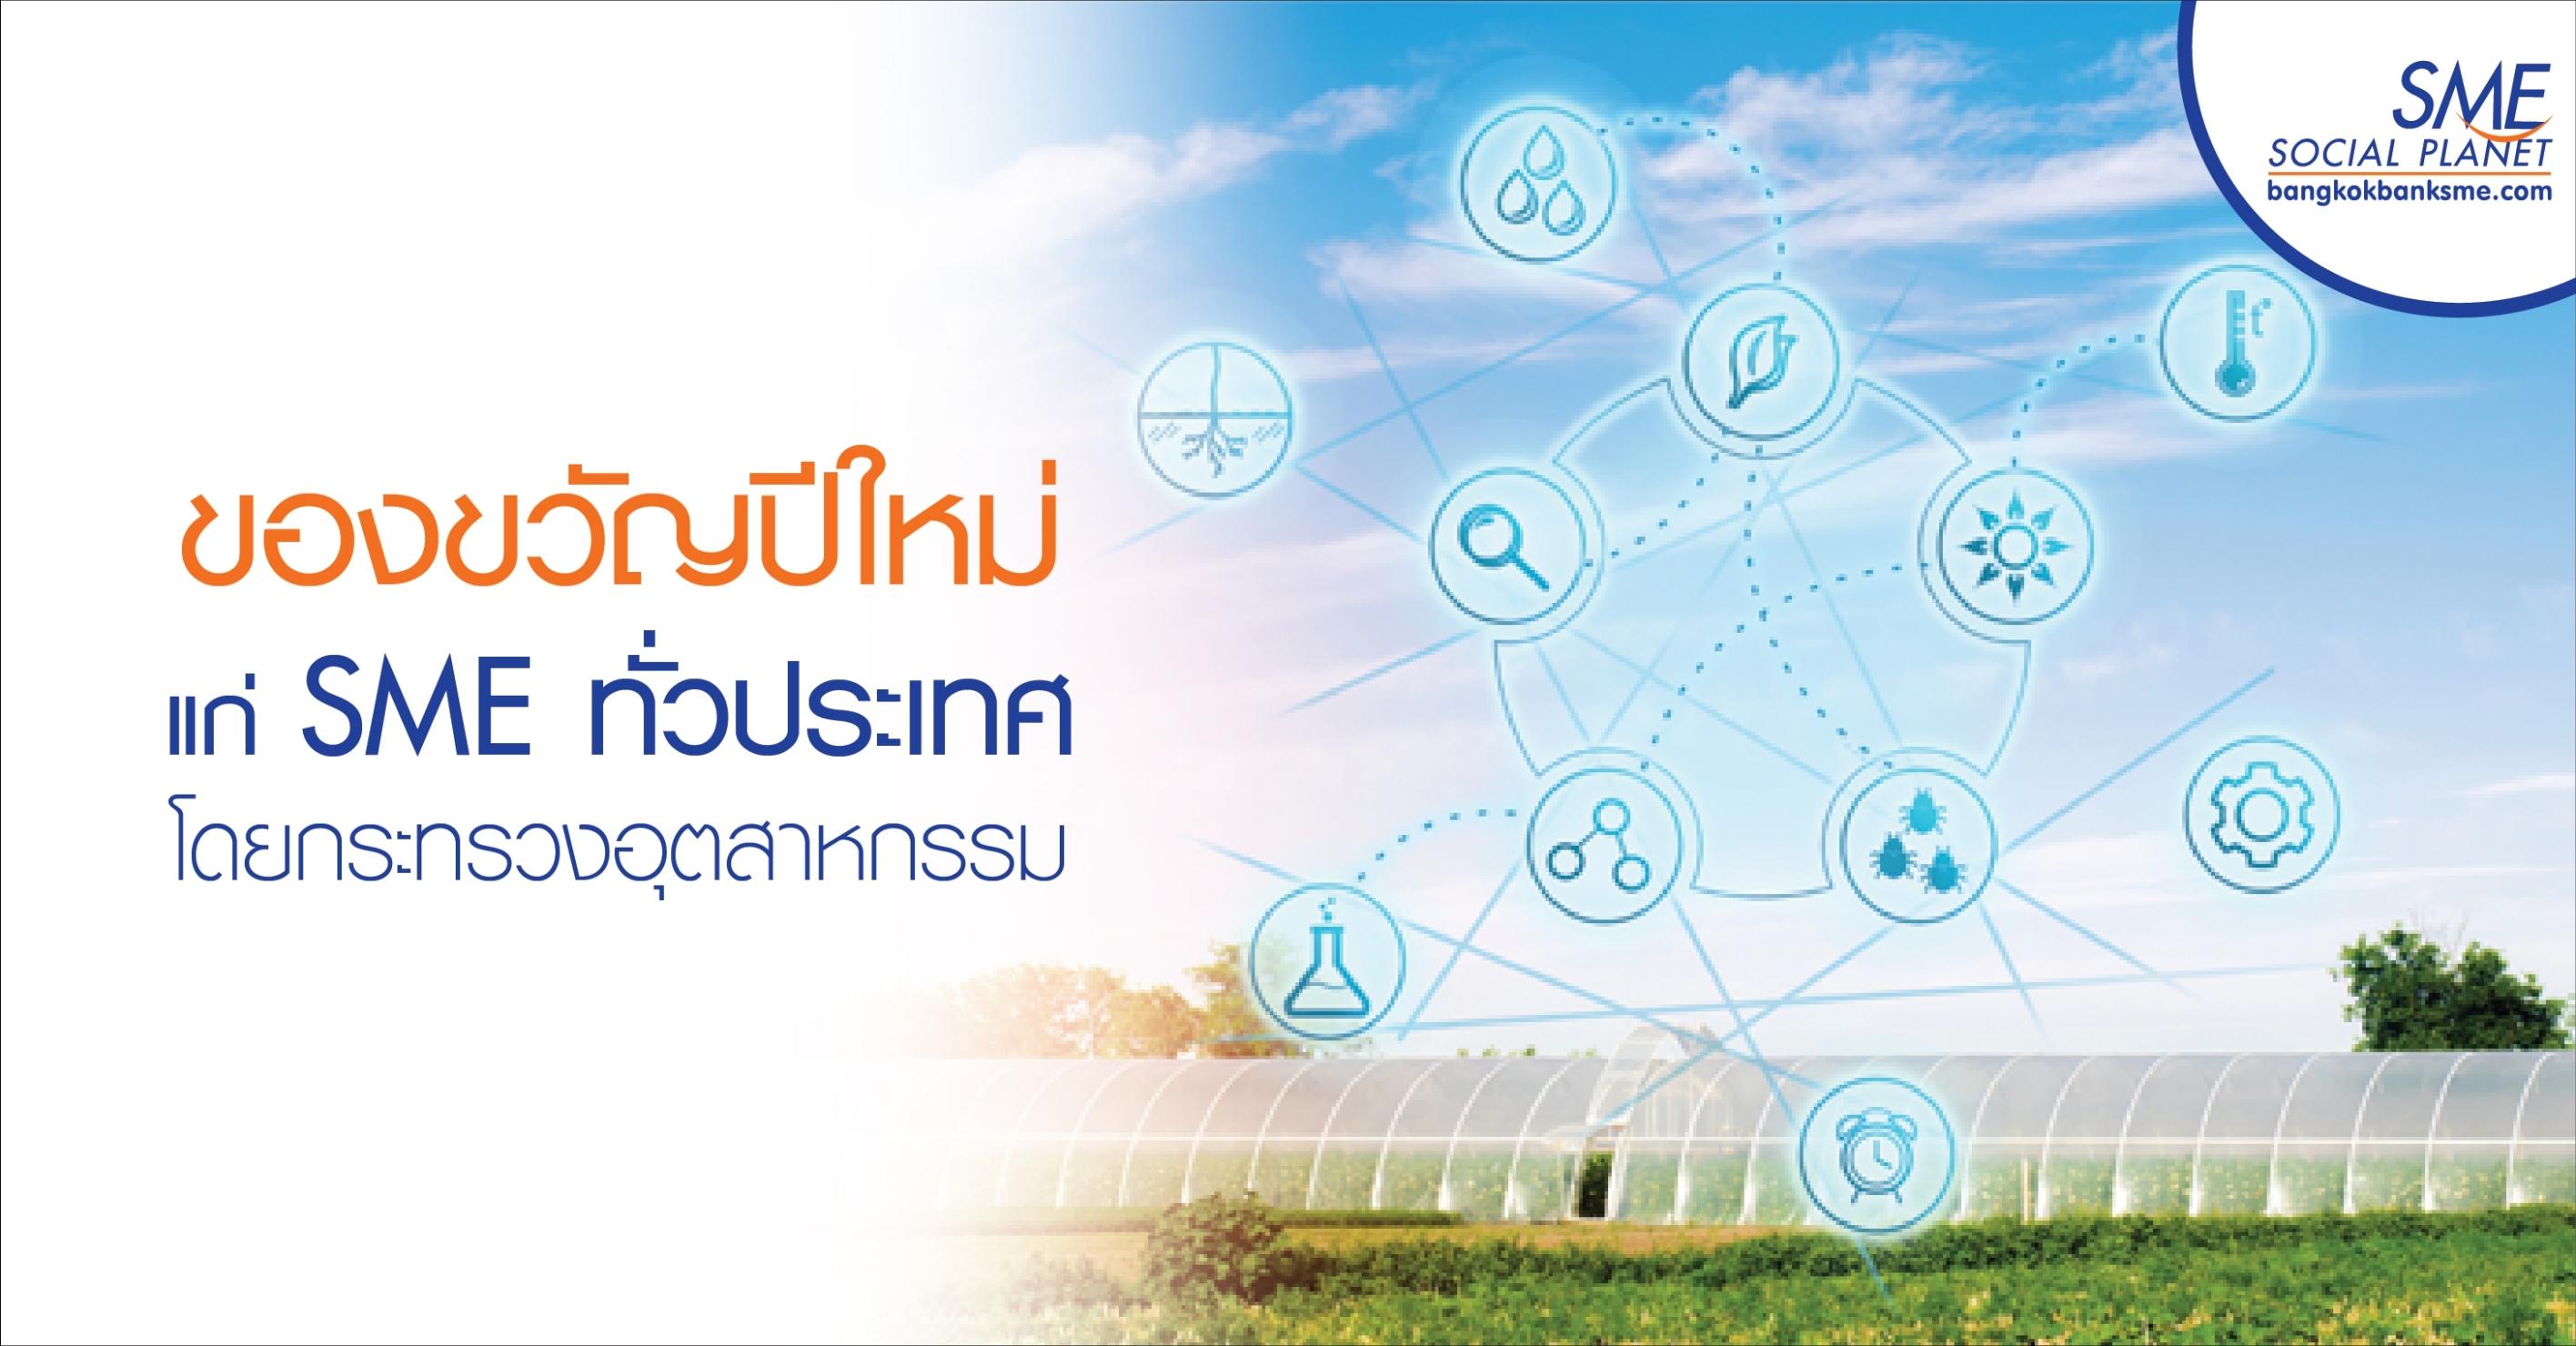 ของขวัญปีใหม่แก่ SME ทั่วประเทศ โดยกระทรวงอุตสาหกรรม